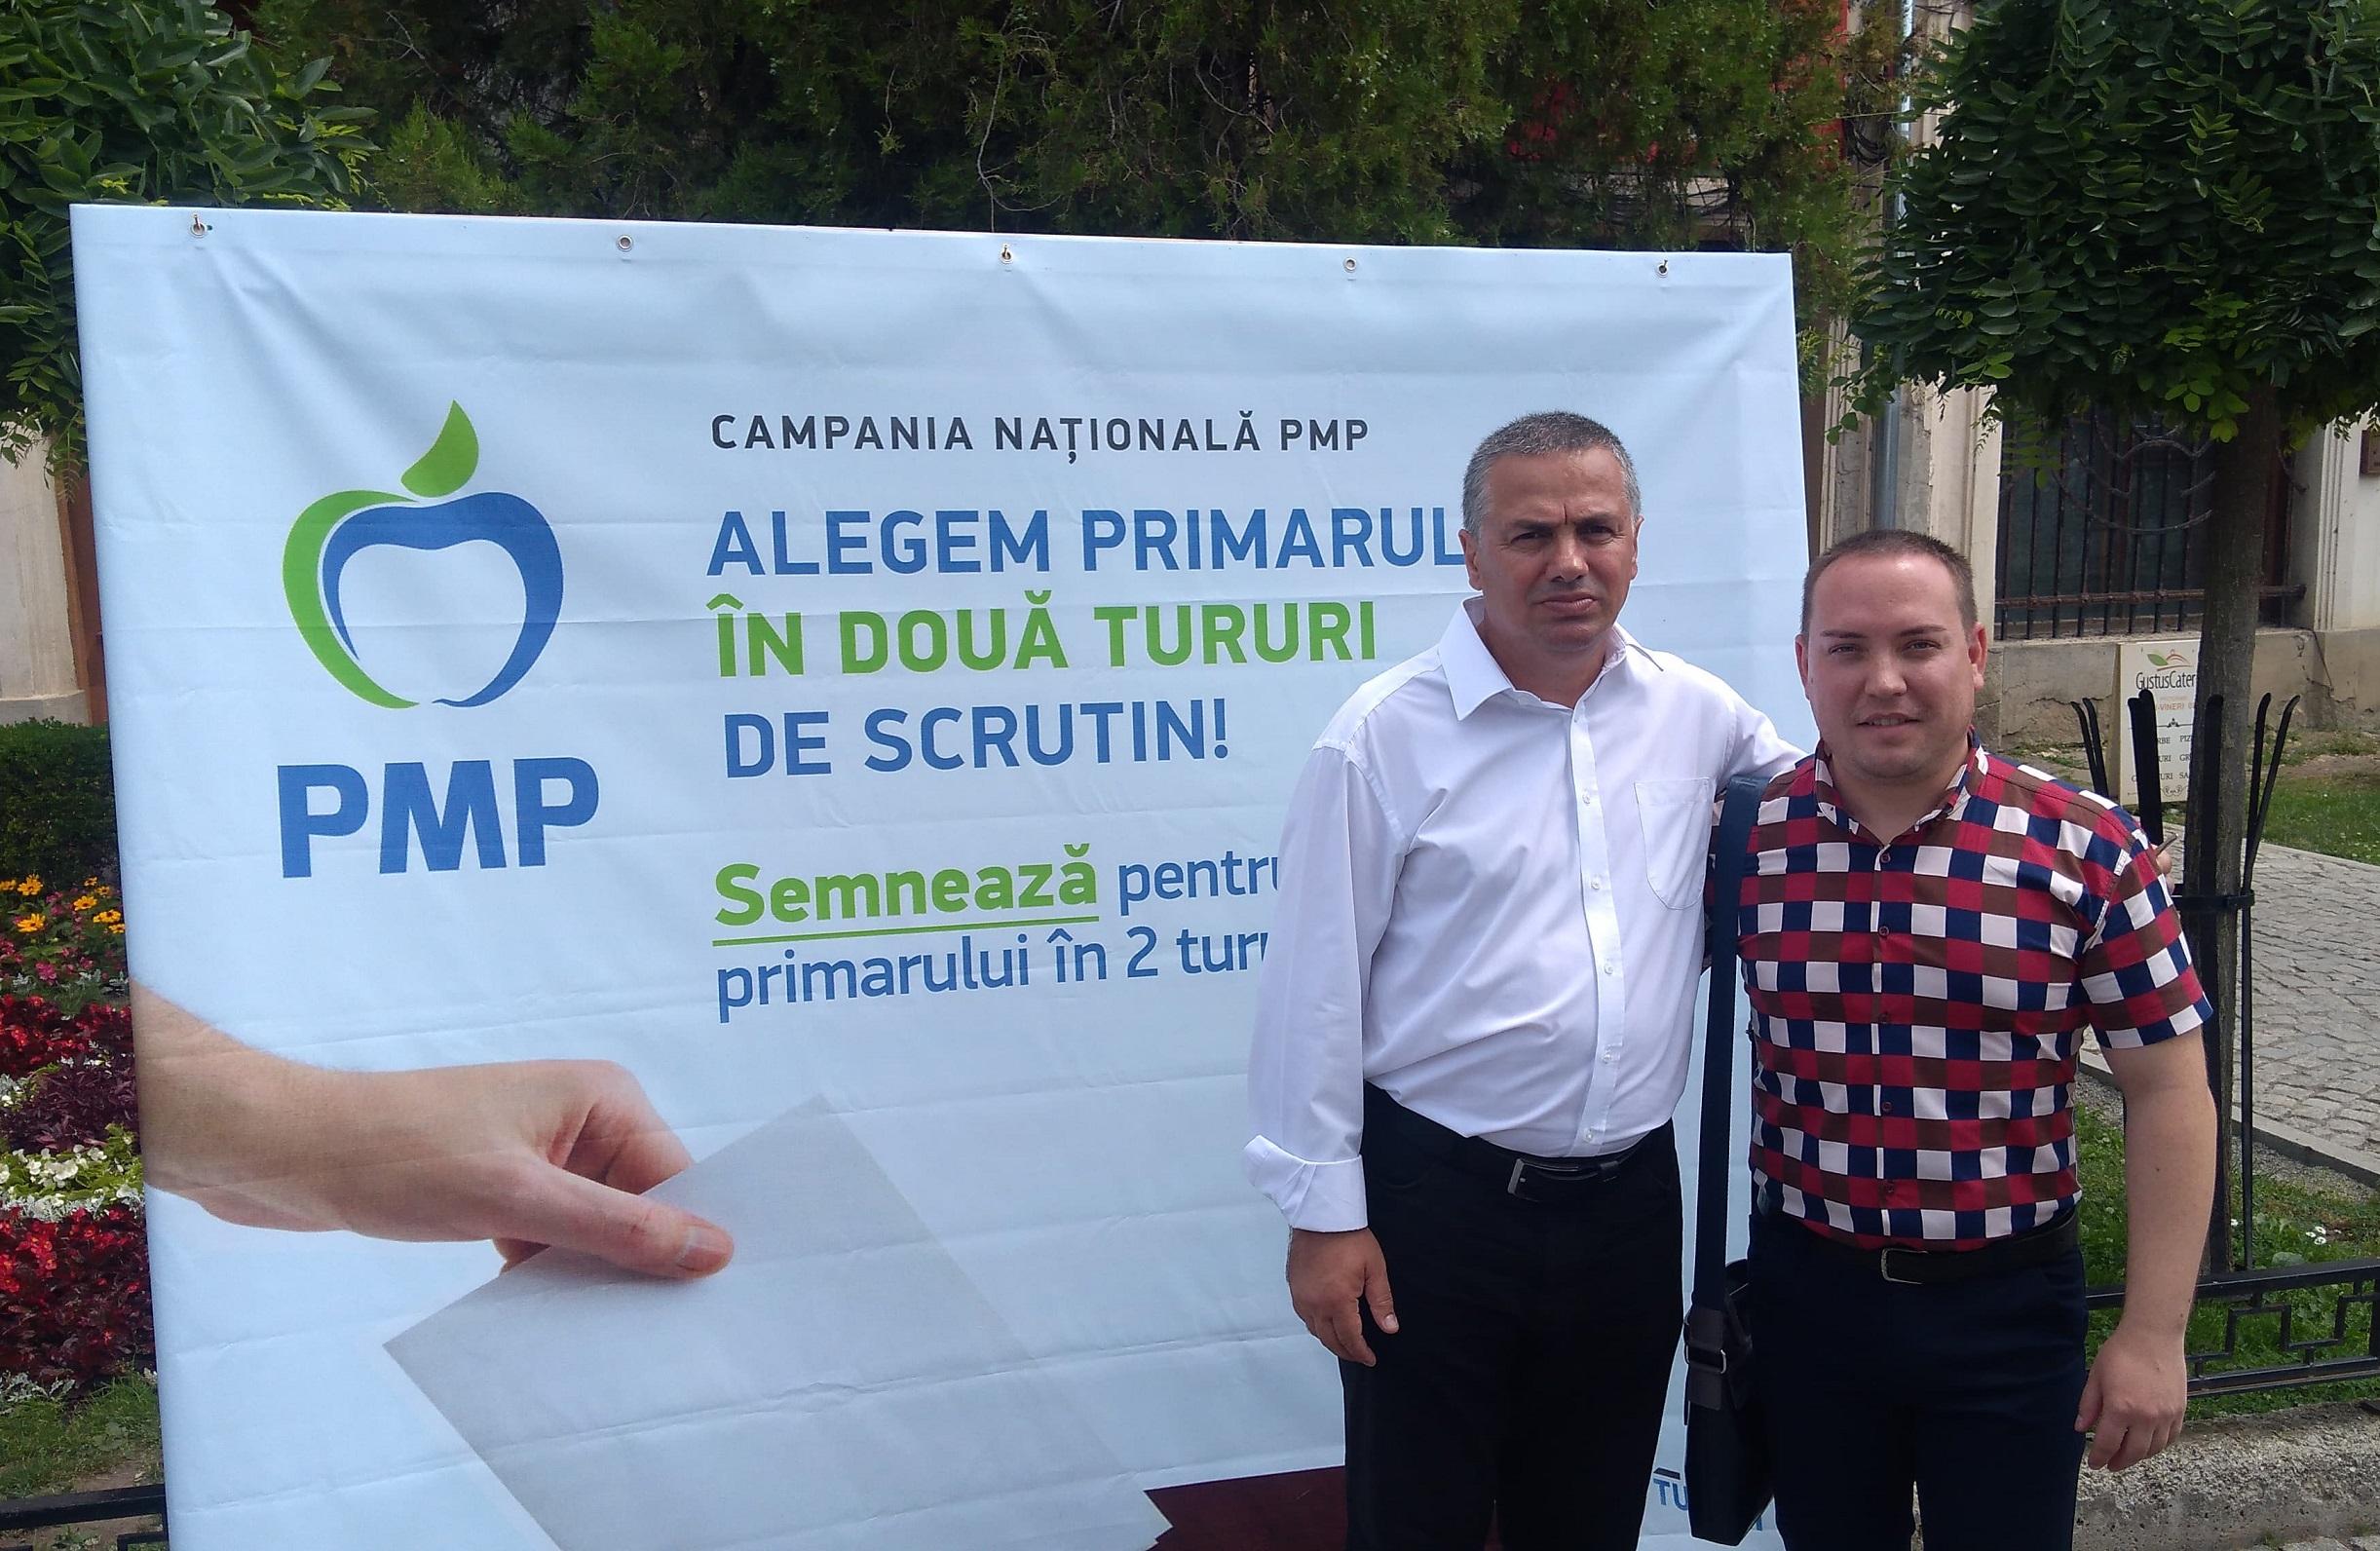 Alegerea primarilor în două tururi – necesitate stringentă pentru România